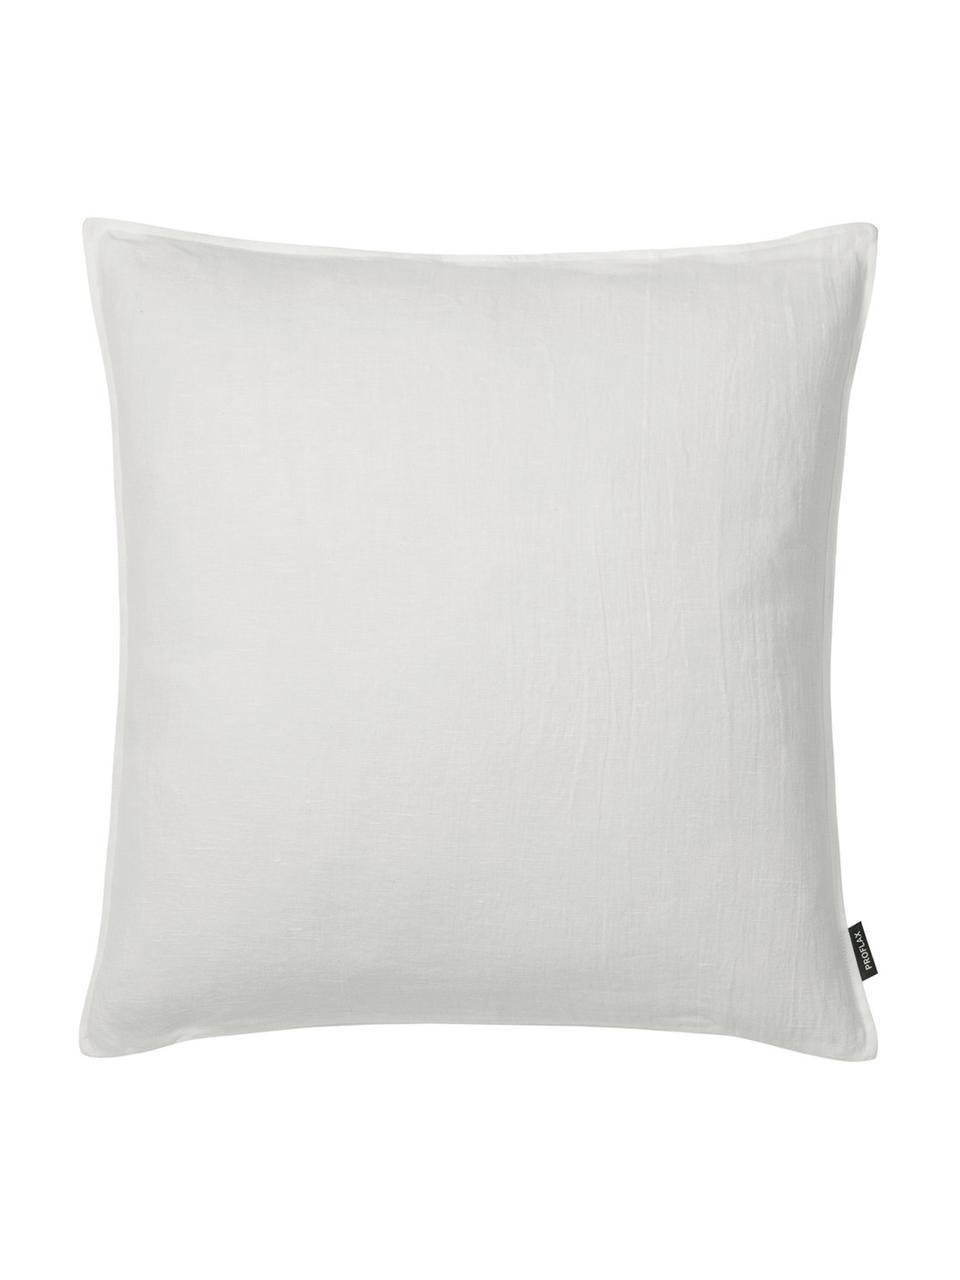 Lněný povlak na polštář slehce spraným efektem Sven, Tlumeně bílá